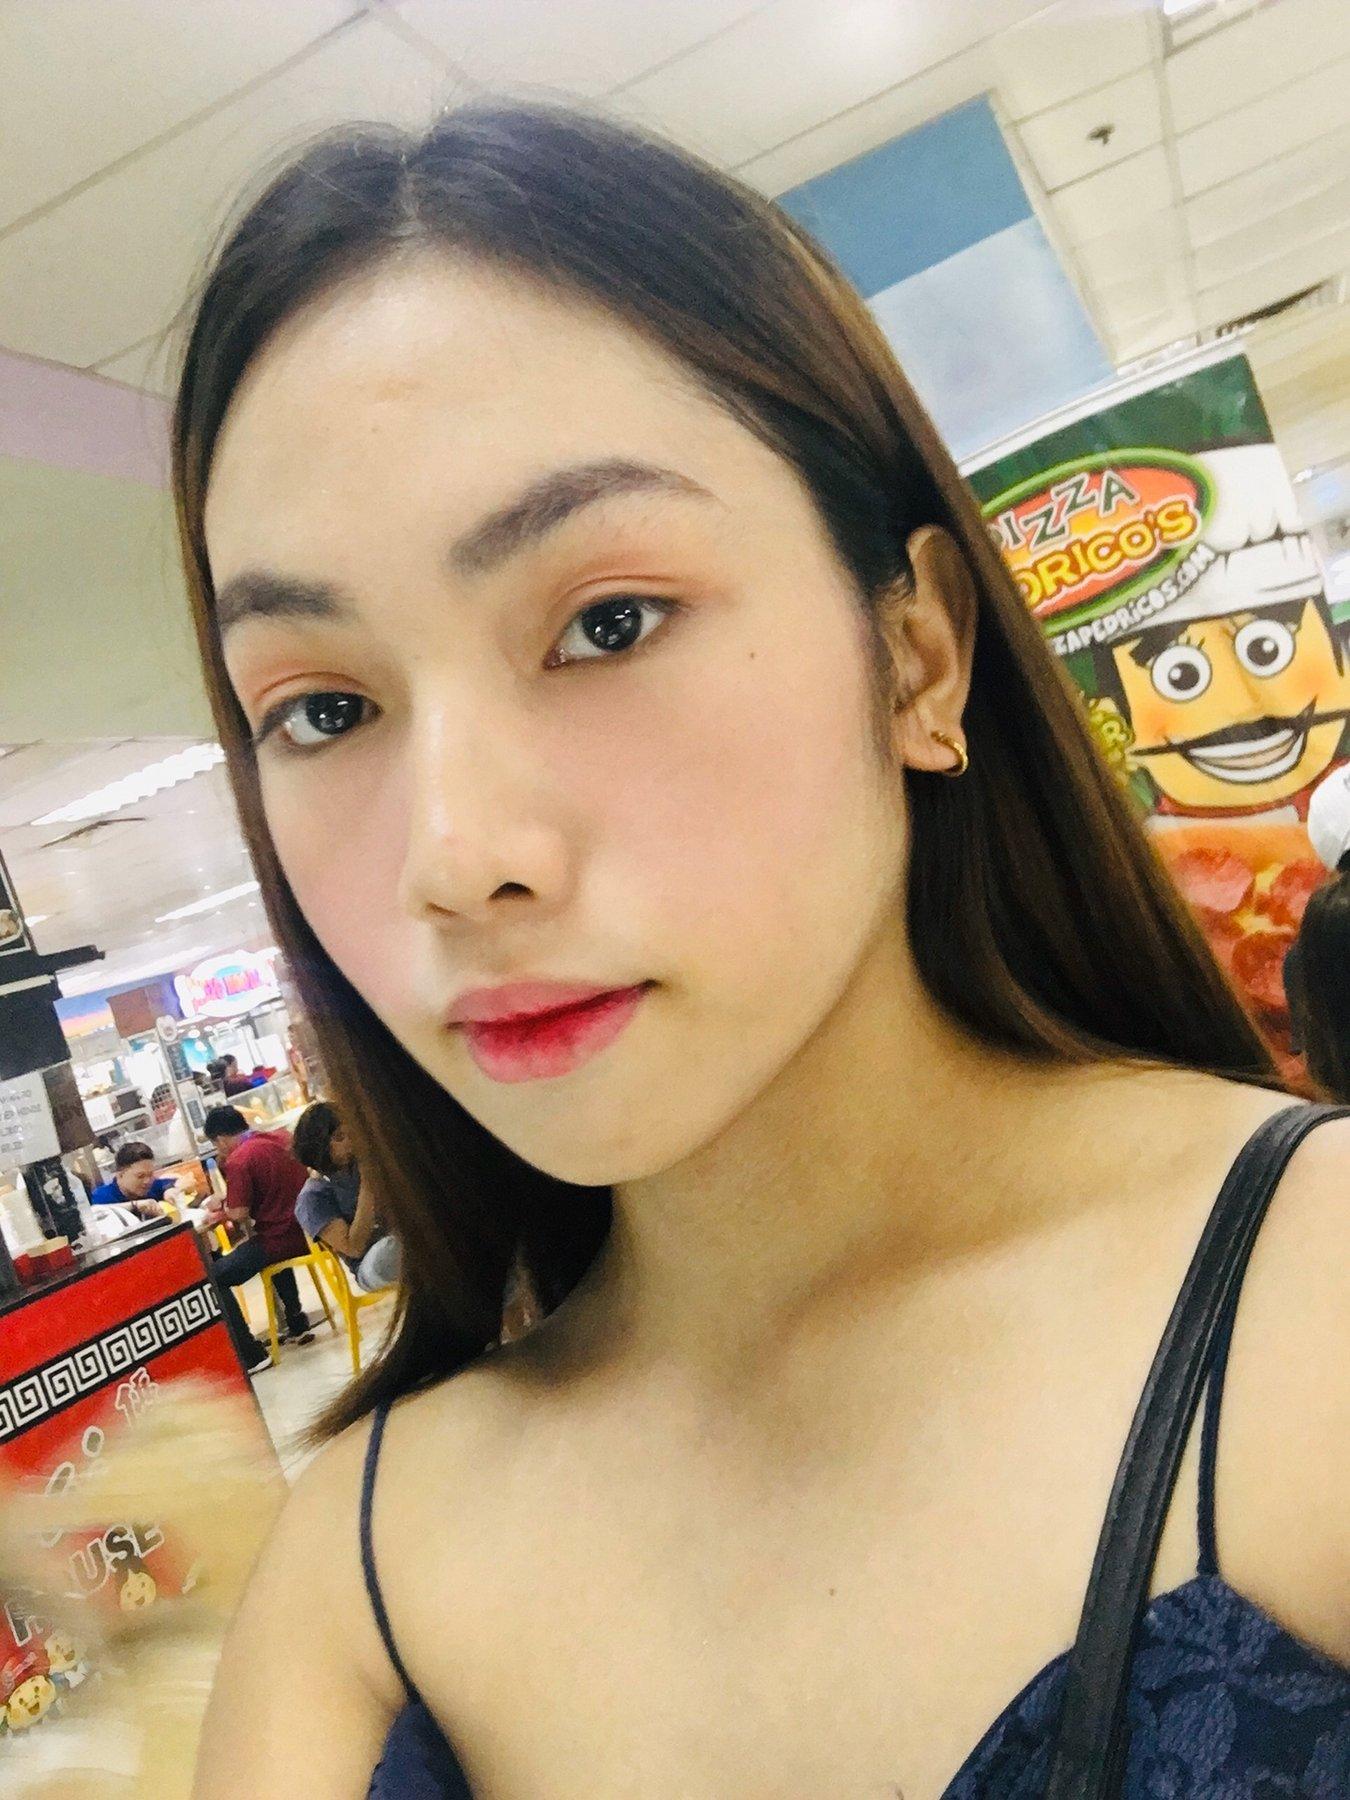 Hottest Female from Philippine, Filipino escort in Johor Bahru